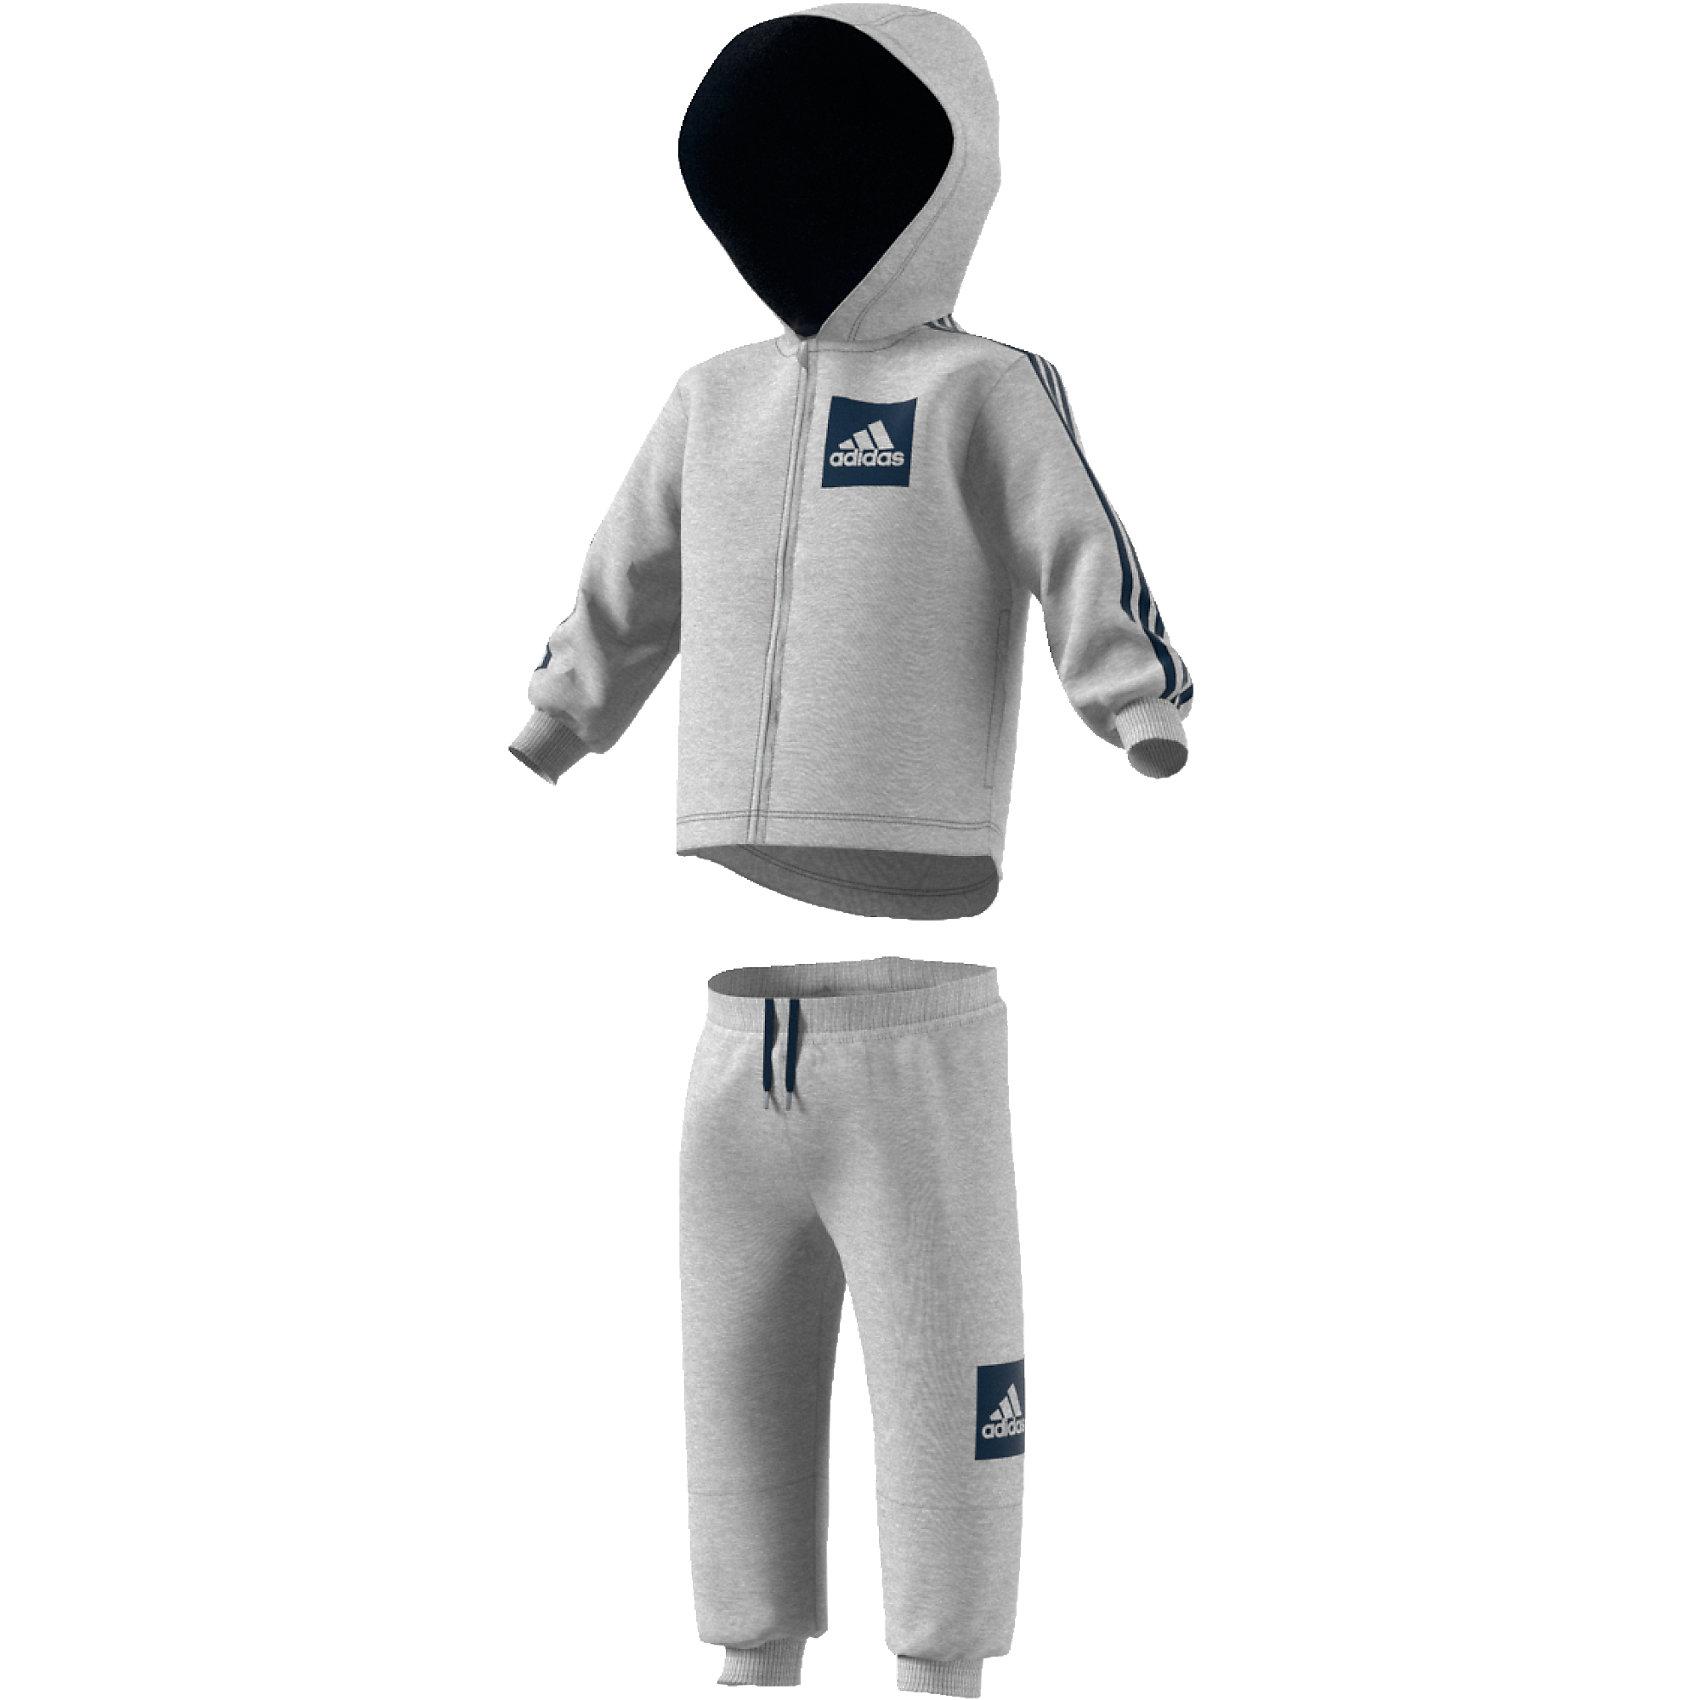 Details zu Neu adidas Performance Baby Jogginganzug aus Fleece für Mädchen 7219388